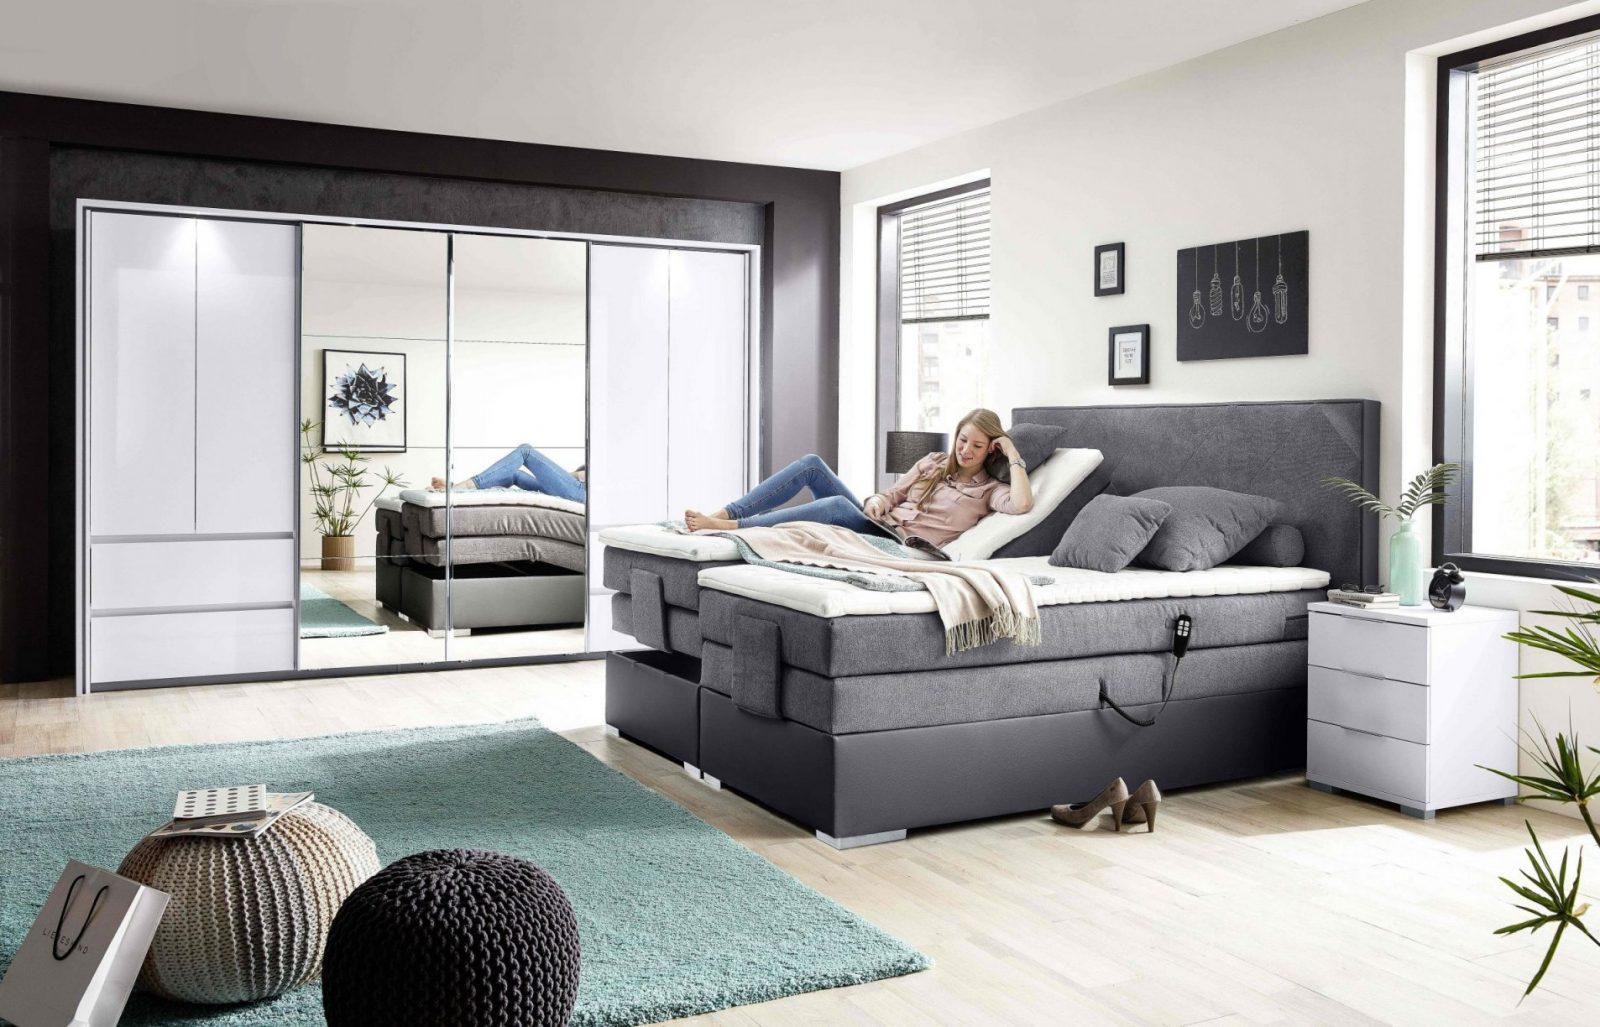 Schlafzimmermöbel Hier Anschauen  Möbel As von Möbel As In Landau Bild